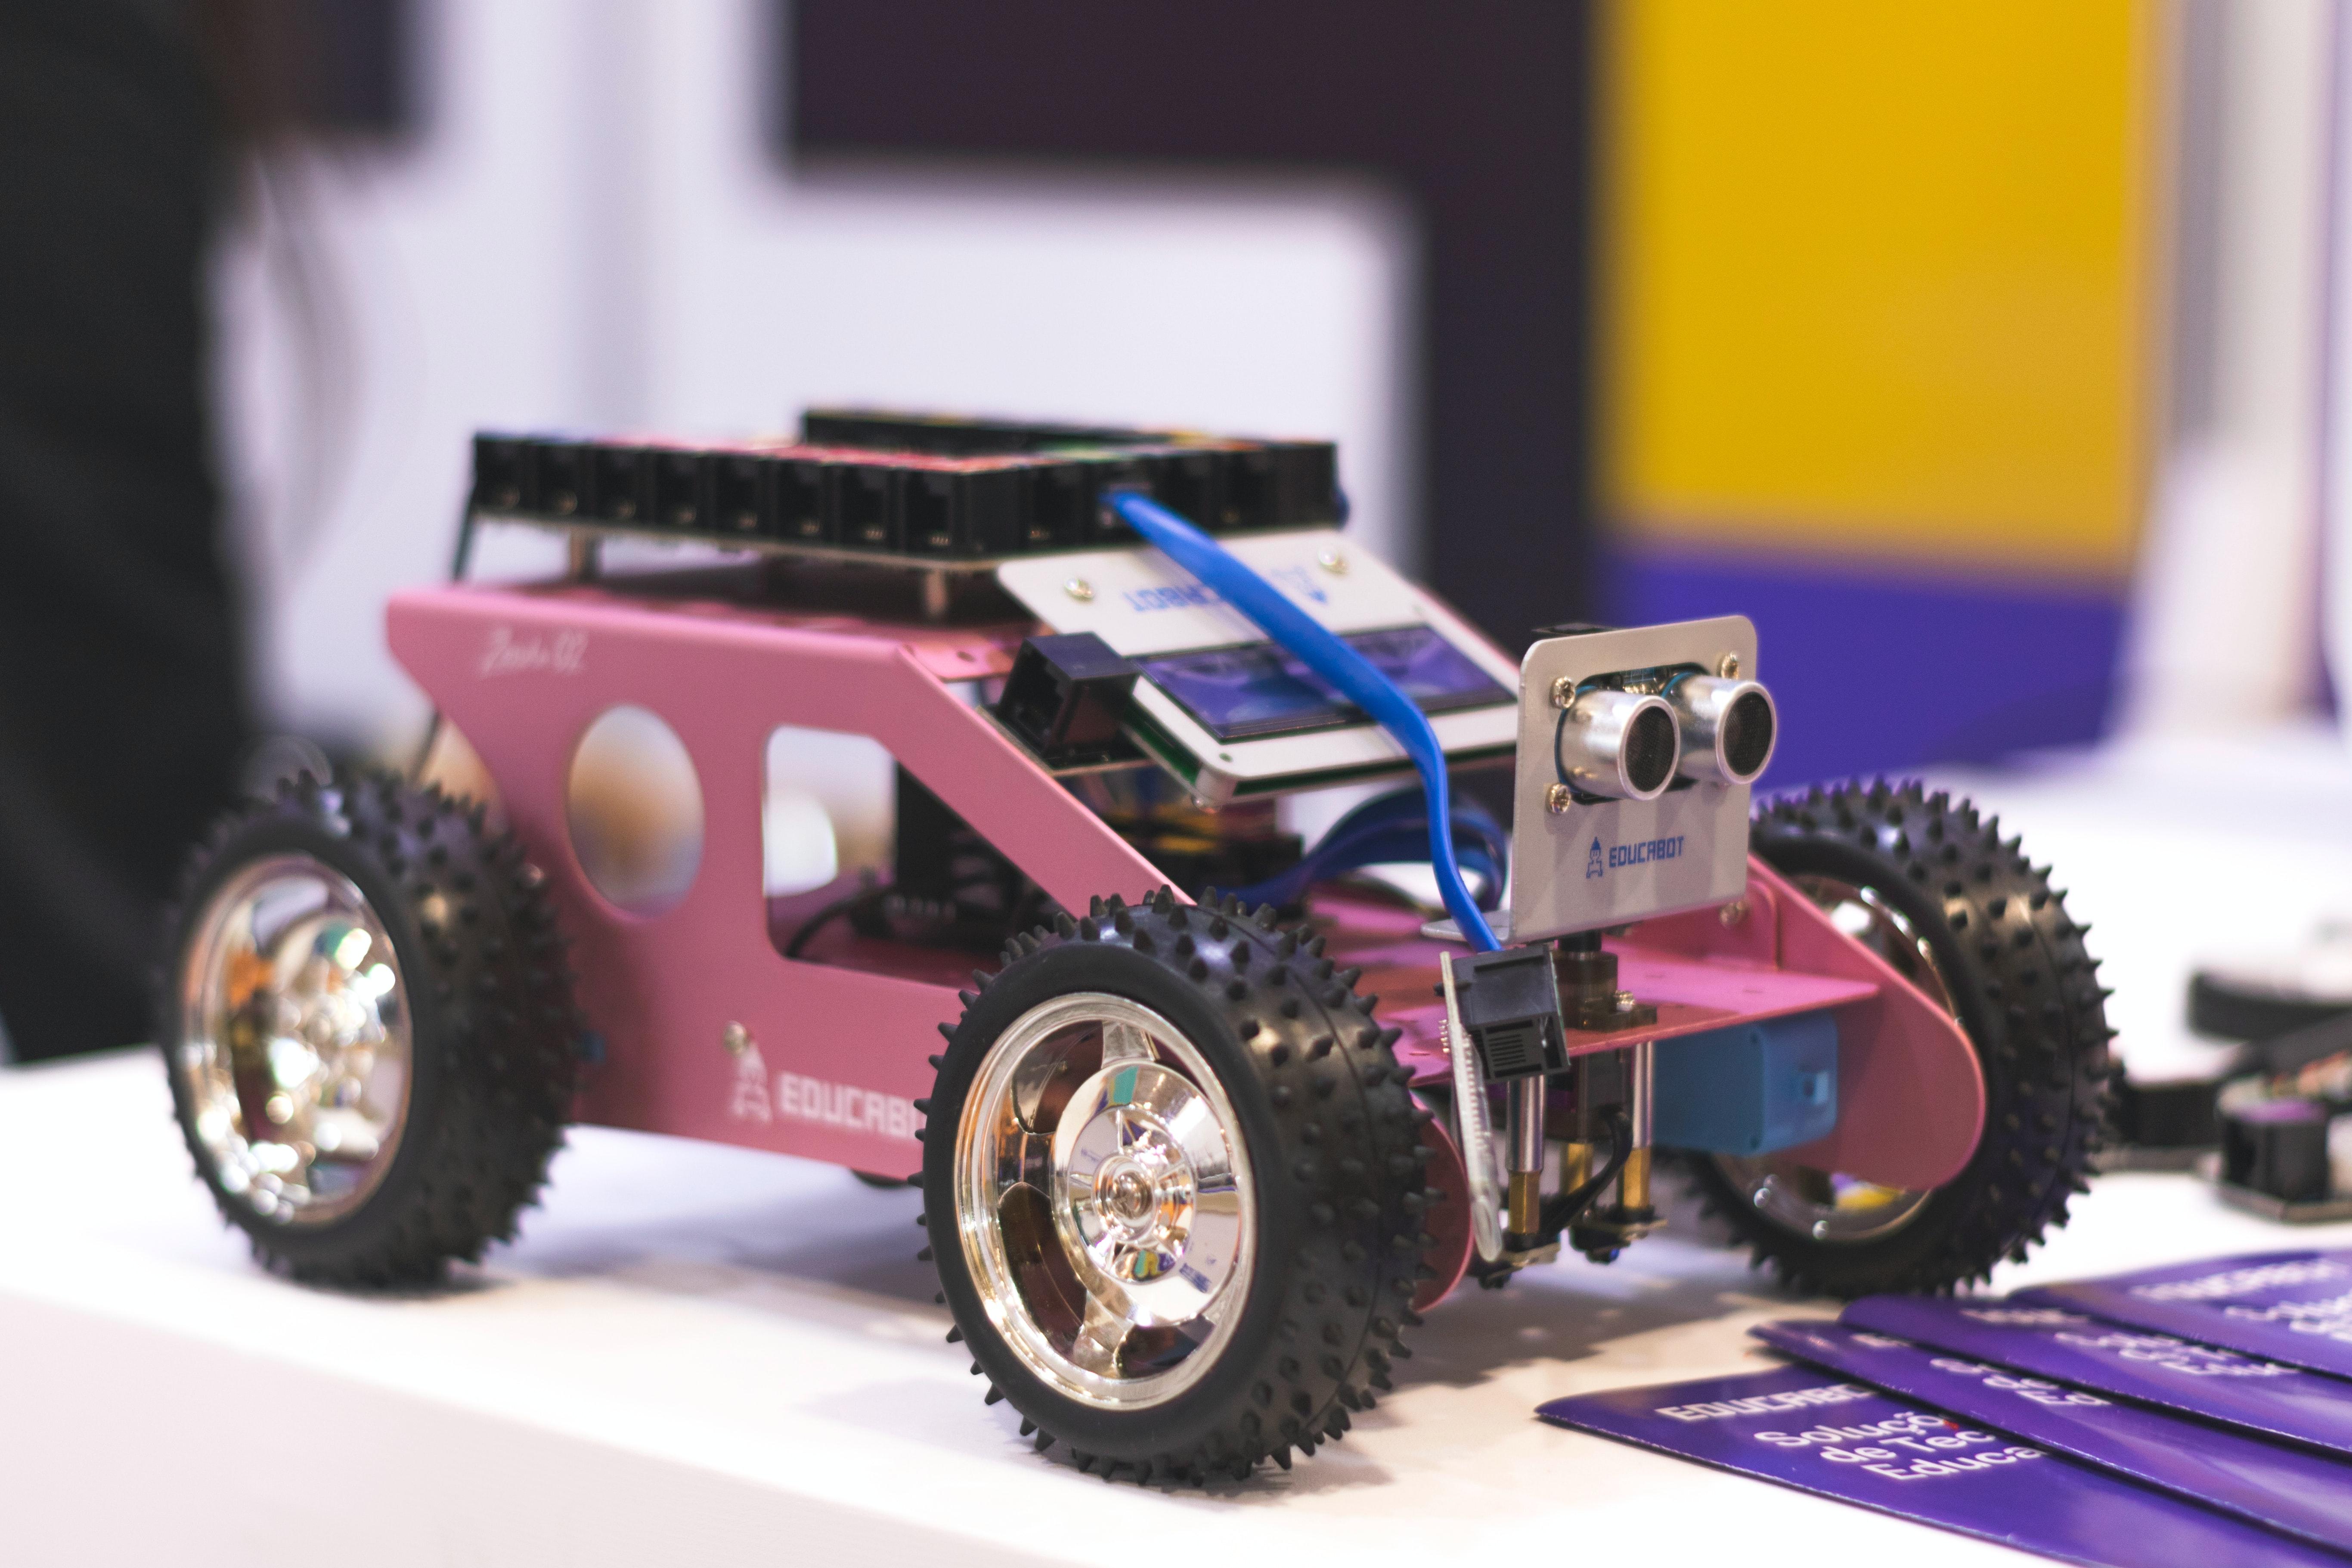 Arduino 蓝牙遥控+超声避障小车